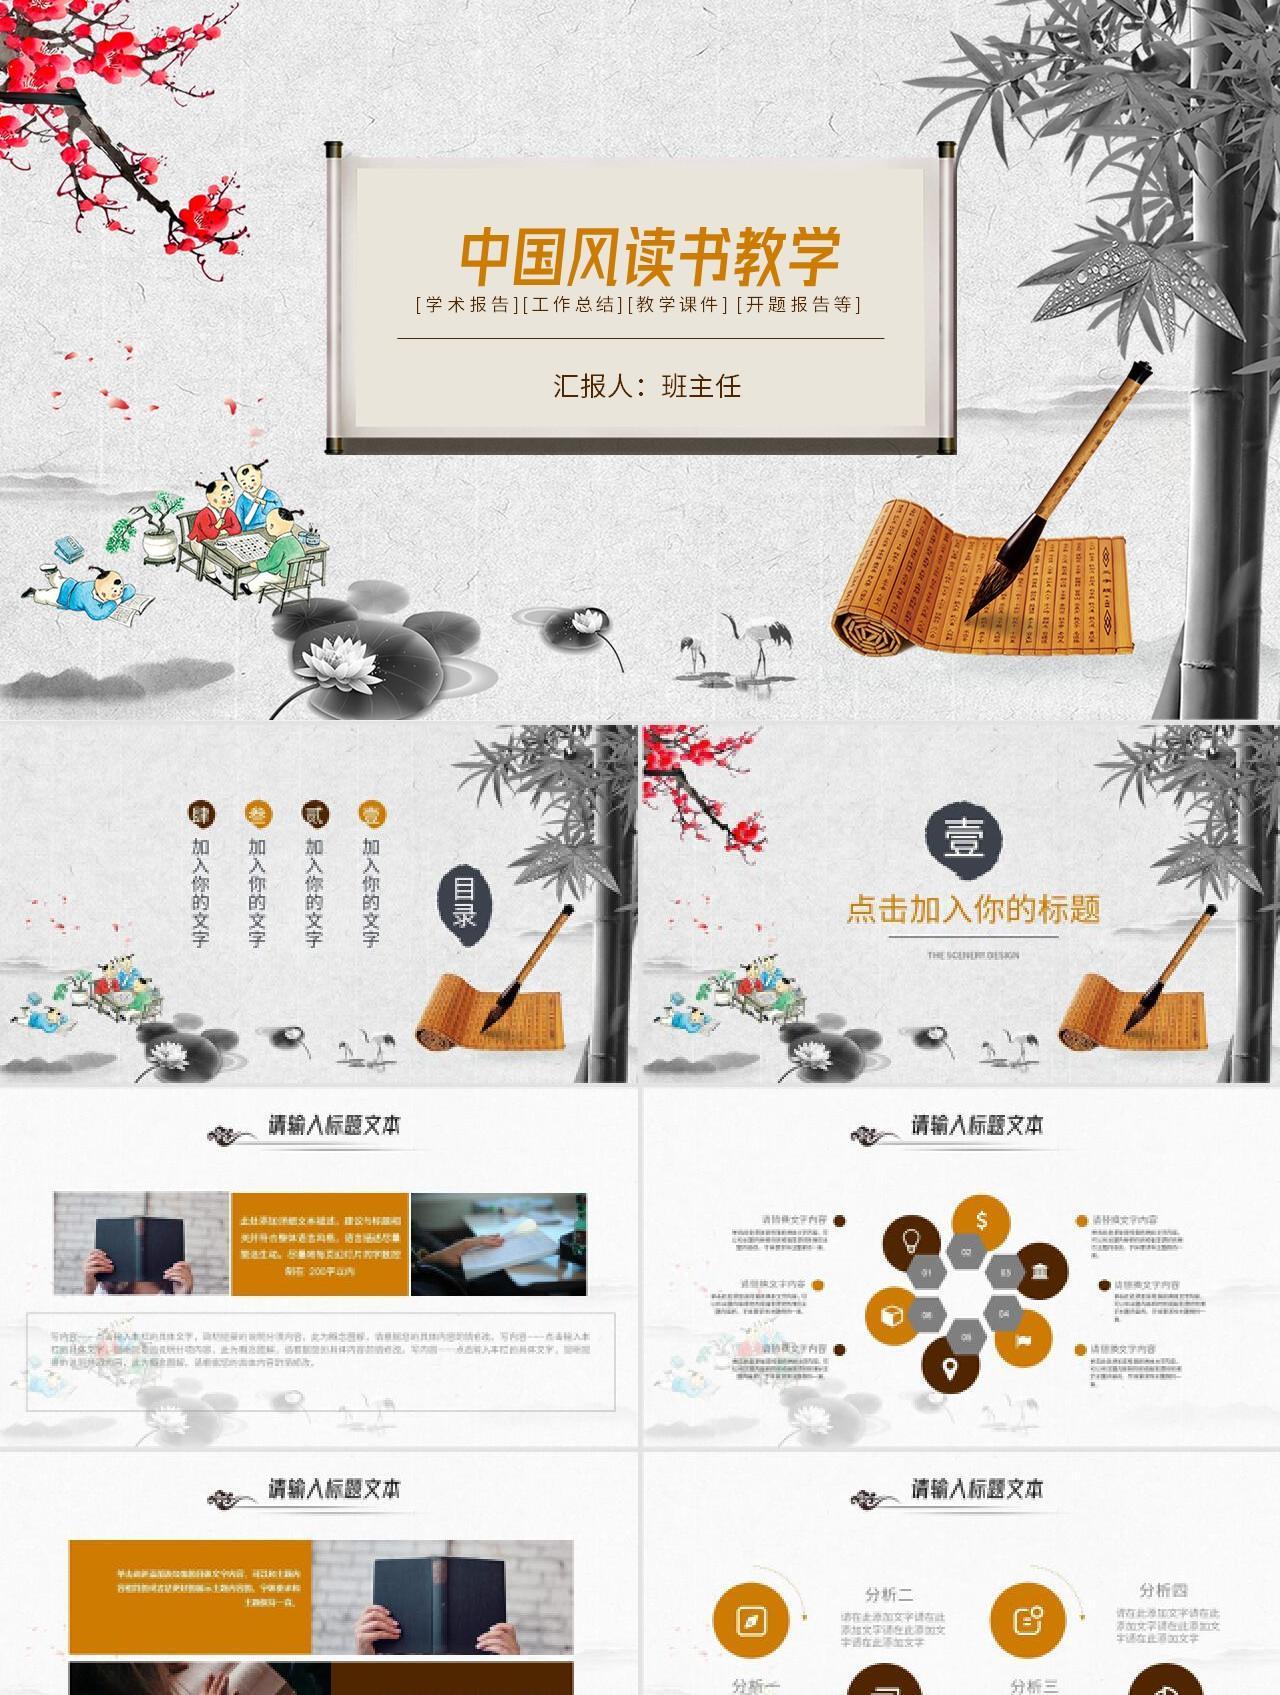 中国风水墨读书国学教学课件PPT模板